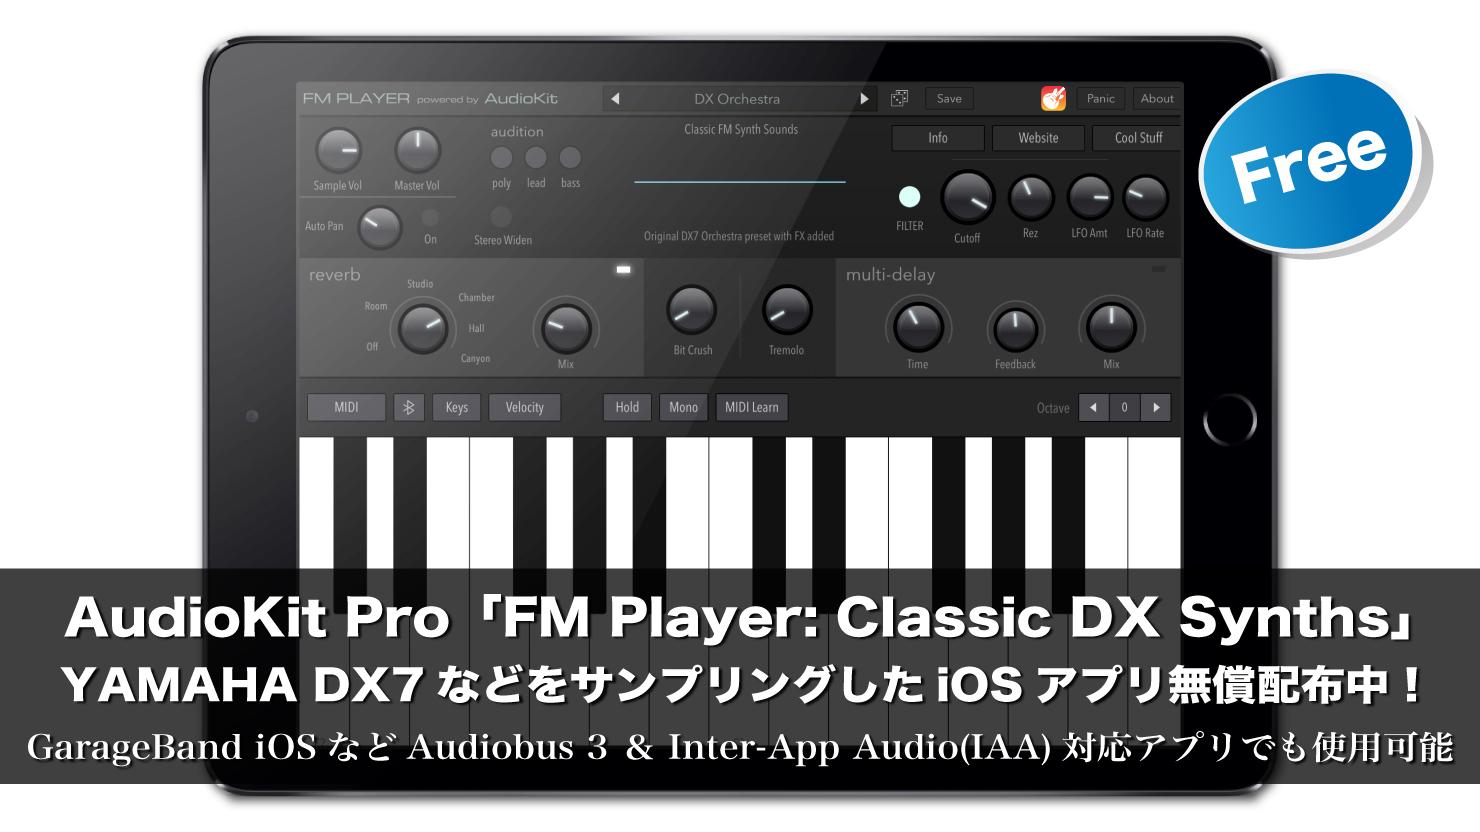 【無料】名機YAMAHA DX7、DX7ⅡなどをサンプリングしたiOSアプリAudioKit Pro「FM Player: Classic DX Synths」が無償配布中!